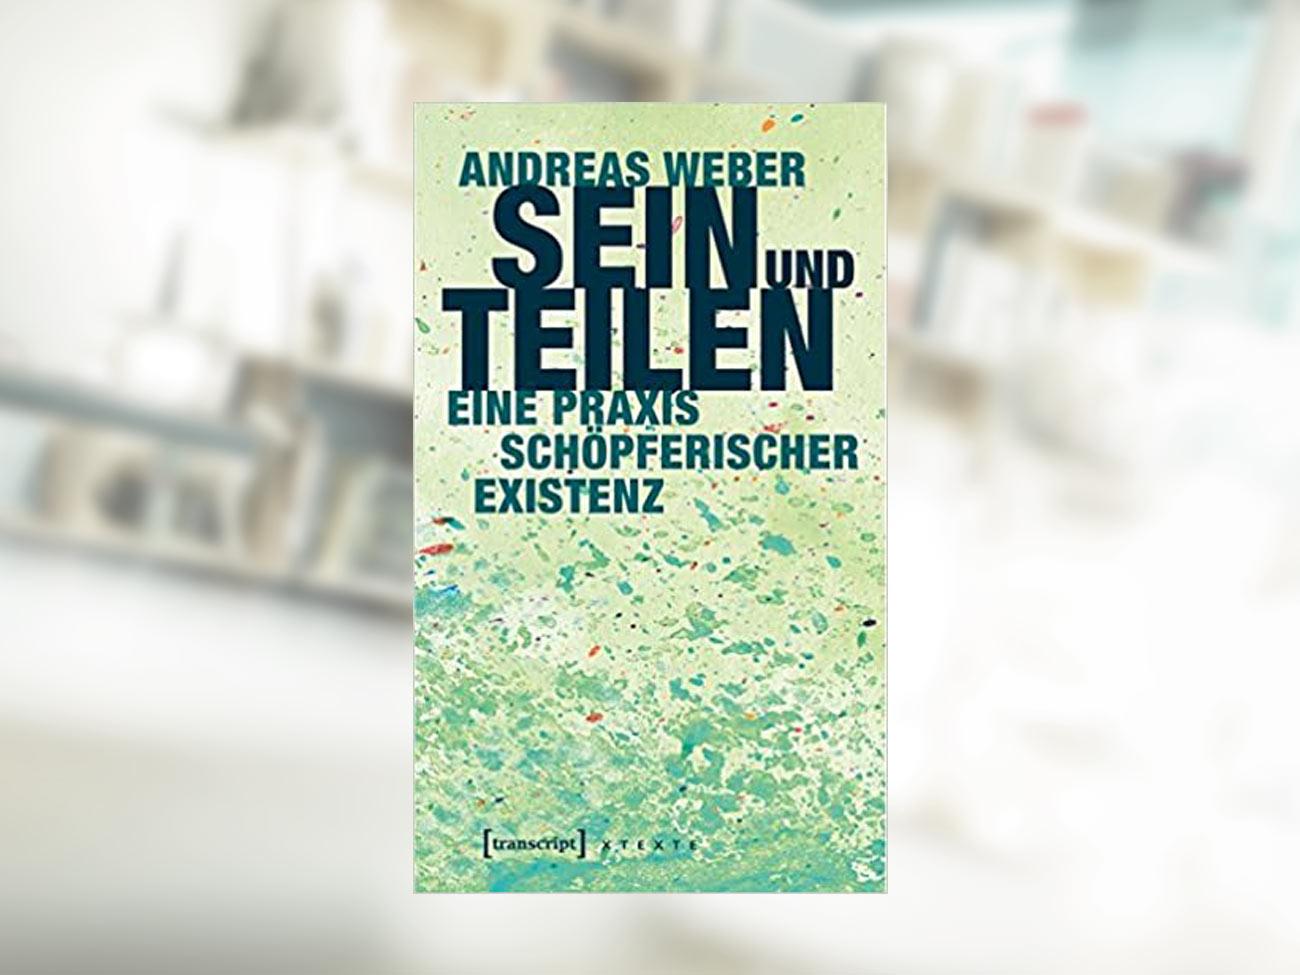 Andreas Weber, Sein und Teilen